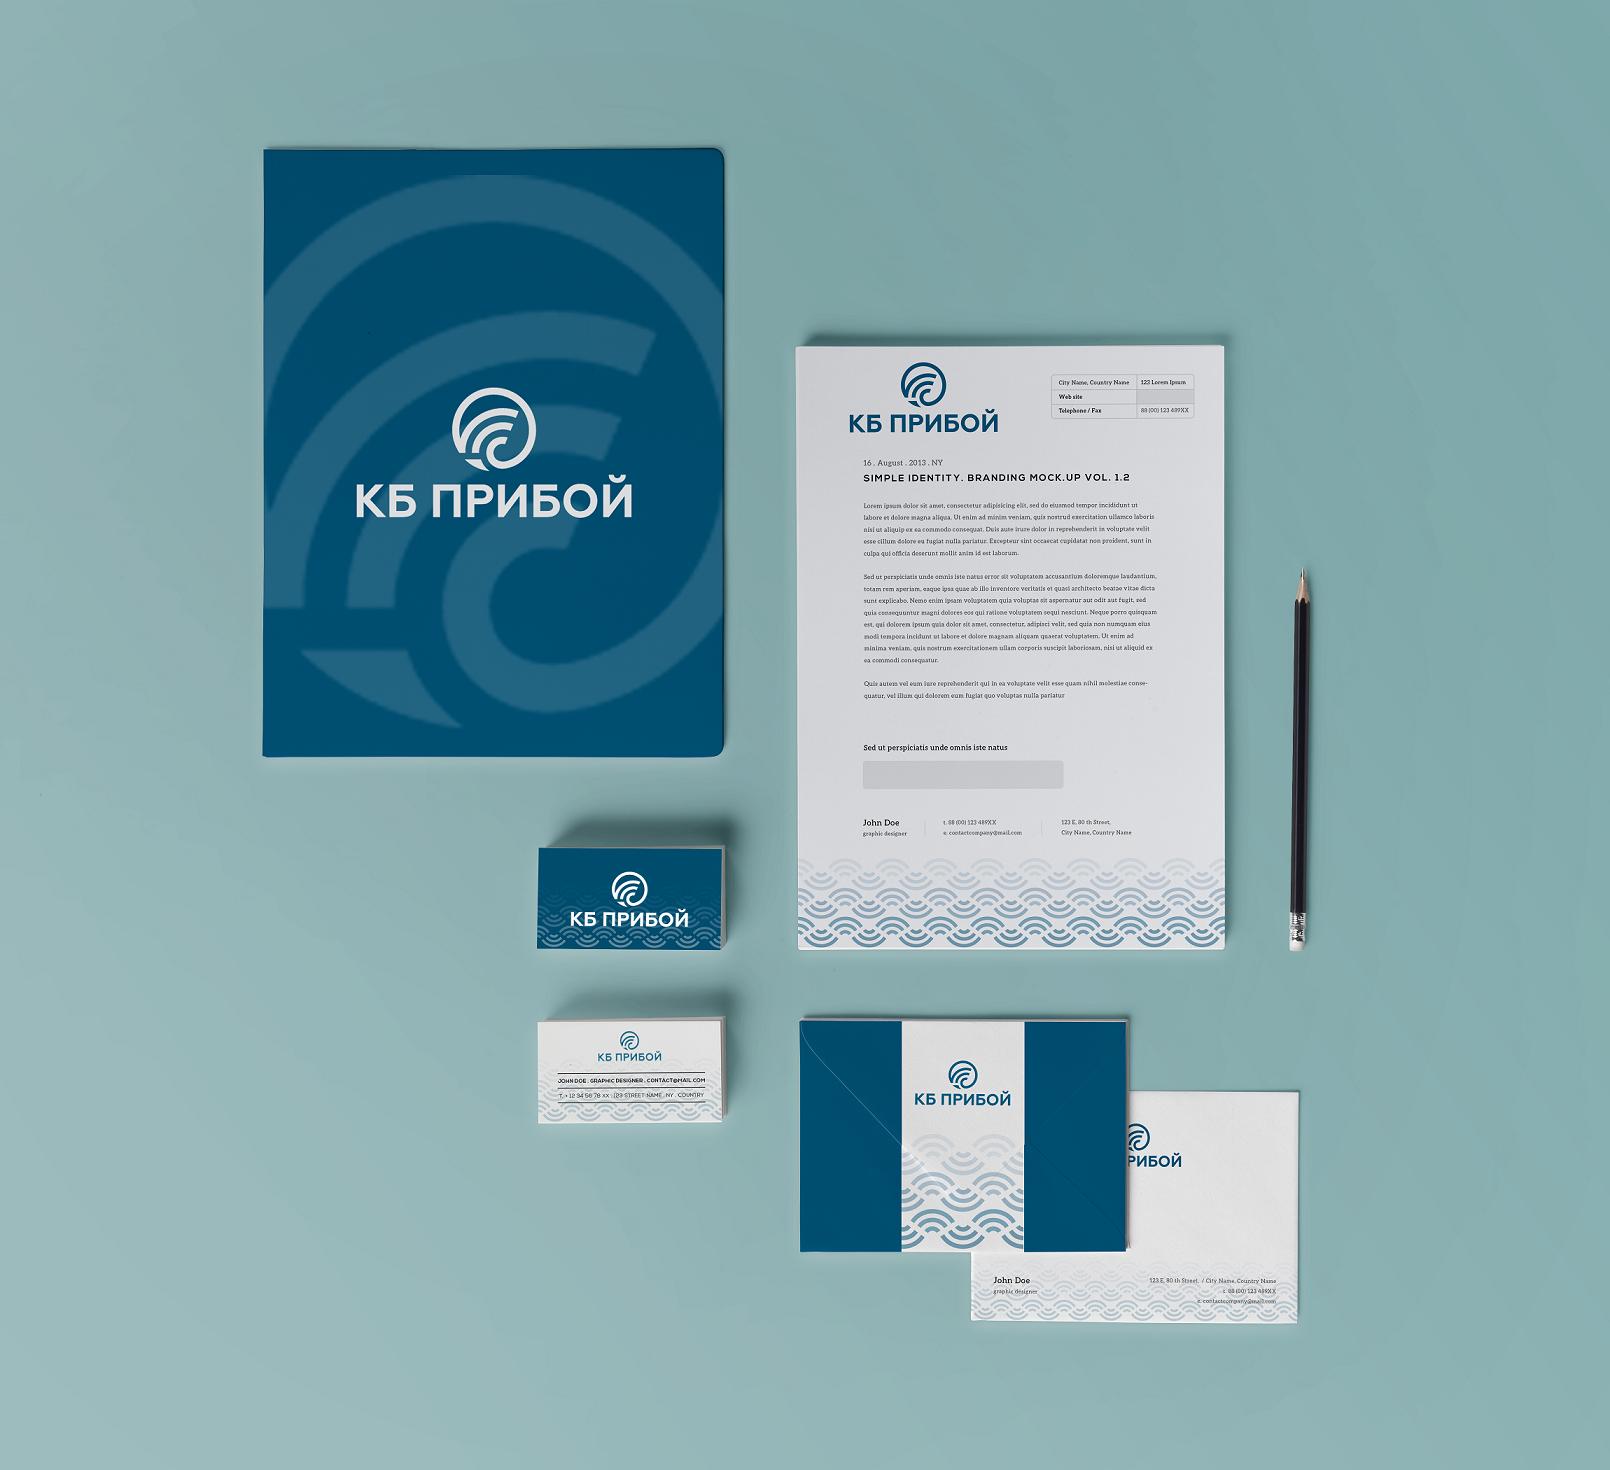 Разработка логотипа и фирменного стиля для КБ Прибой фото f_2925b2a20f7db824.png